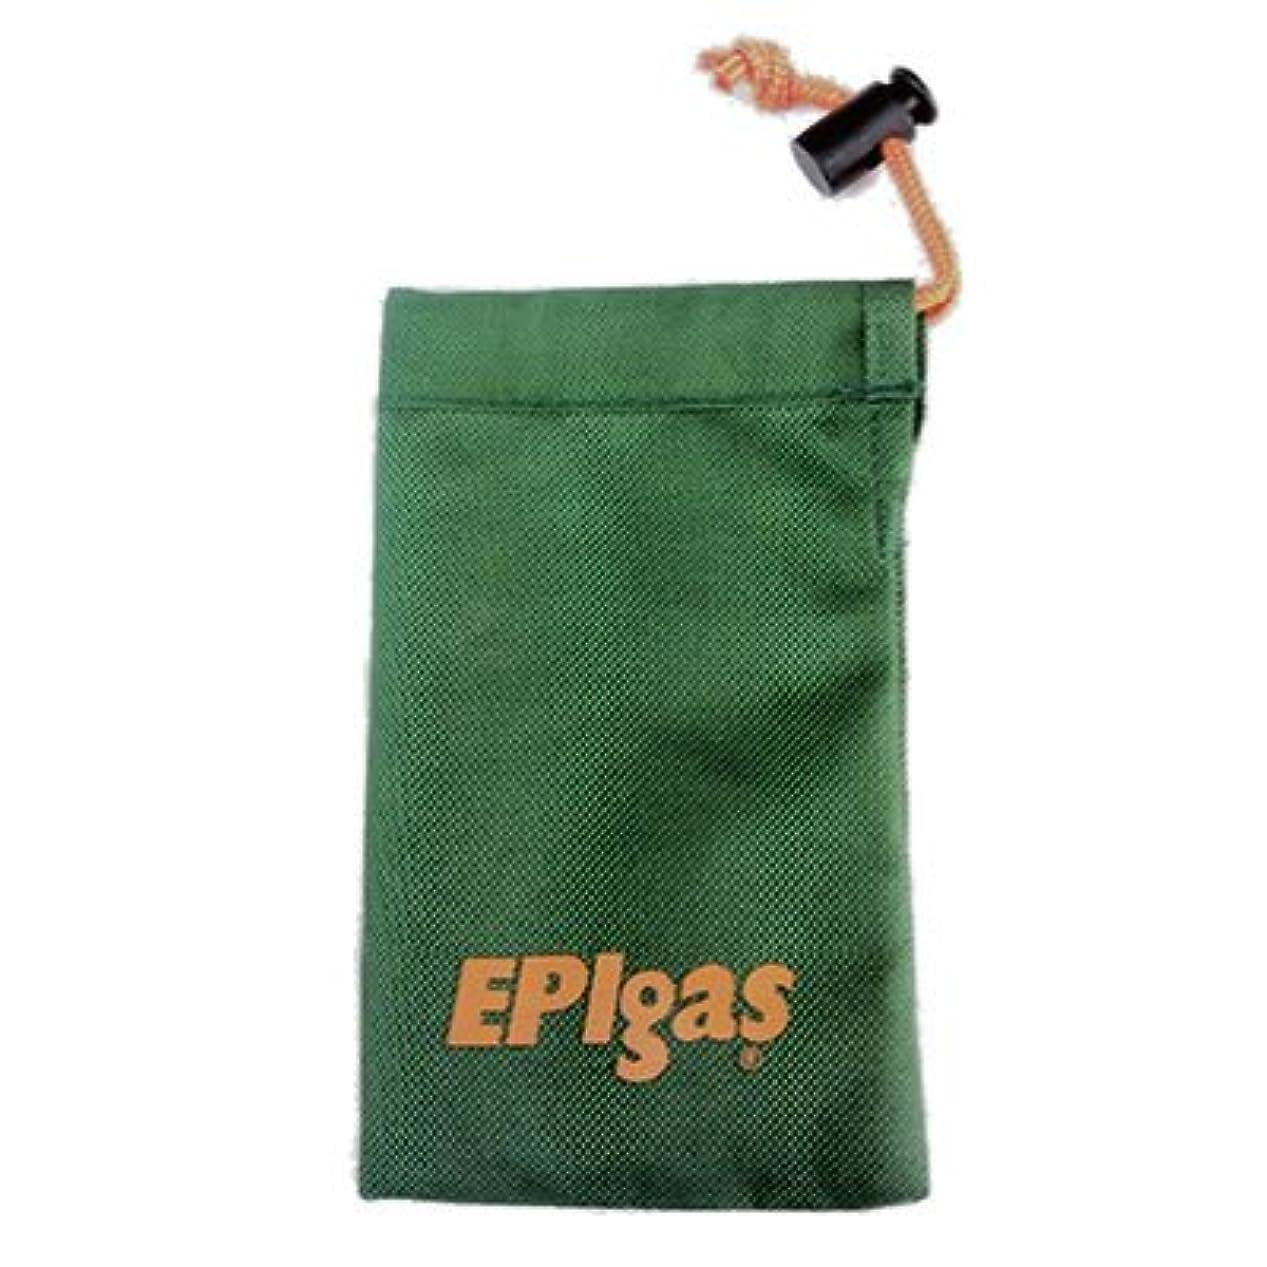 森林ユーモラス移動する(イーピーアイ) EPIgas REVOスタッフサック A6214